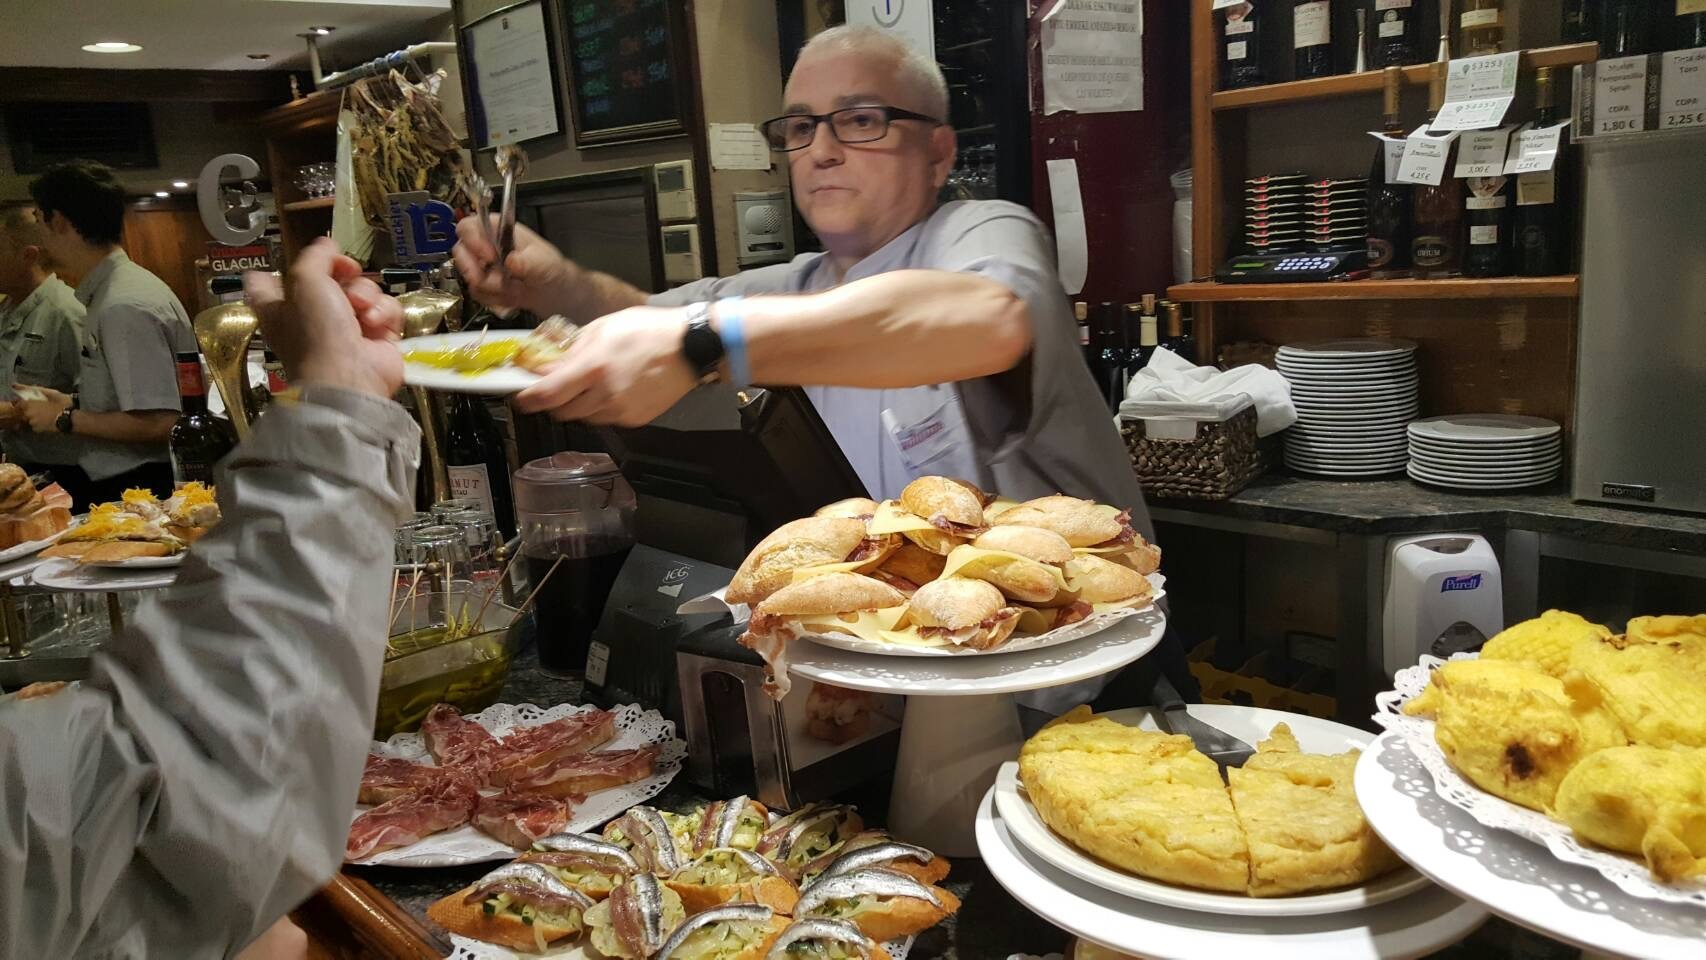 2017年GW スペインバスク地方、バル巡りの旅その10 サン・セバスチャン バル巡り1日目。_a0223786_13480293.jpg